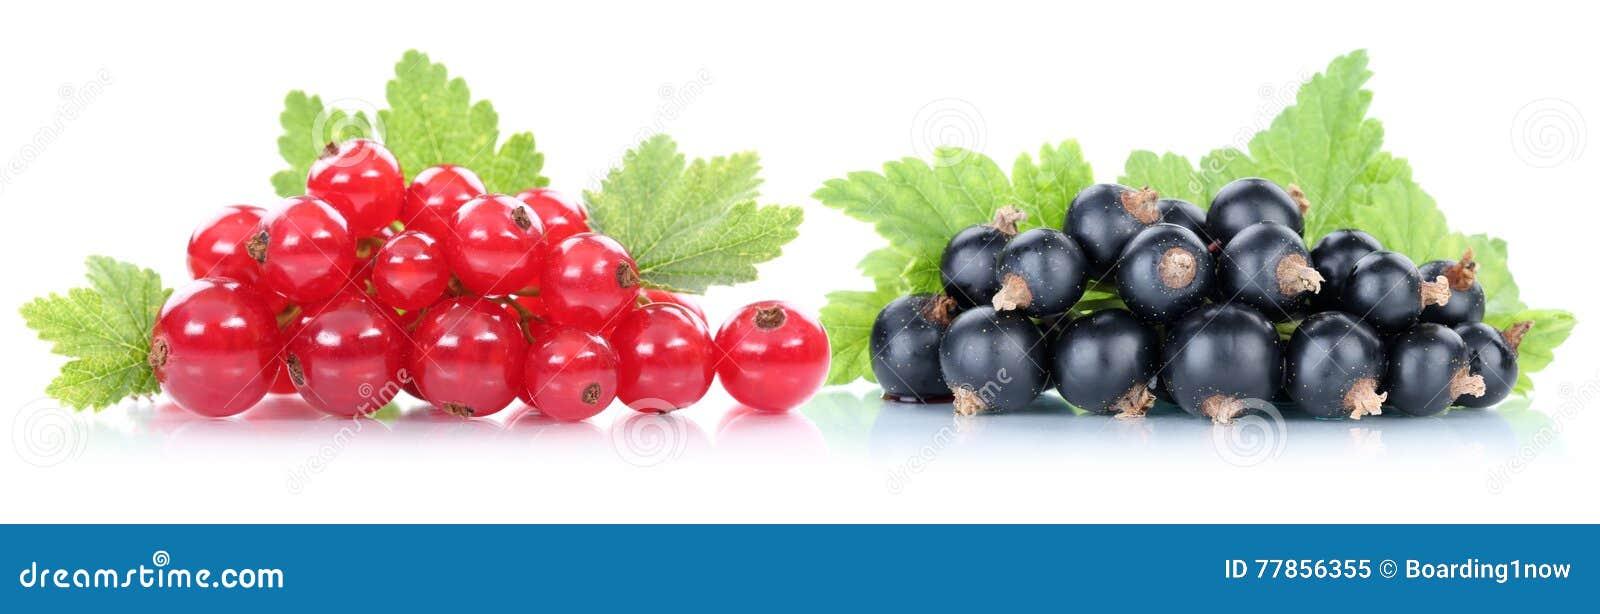 Frutos de bagas dos corintos do corinto vermelho e preto